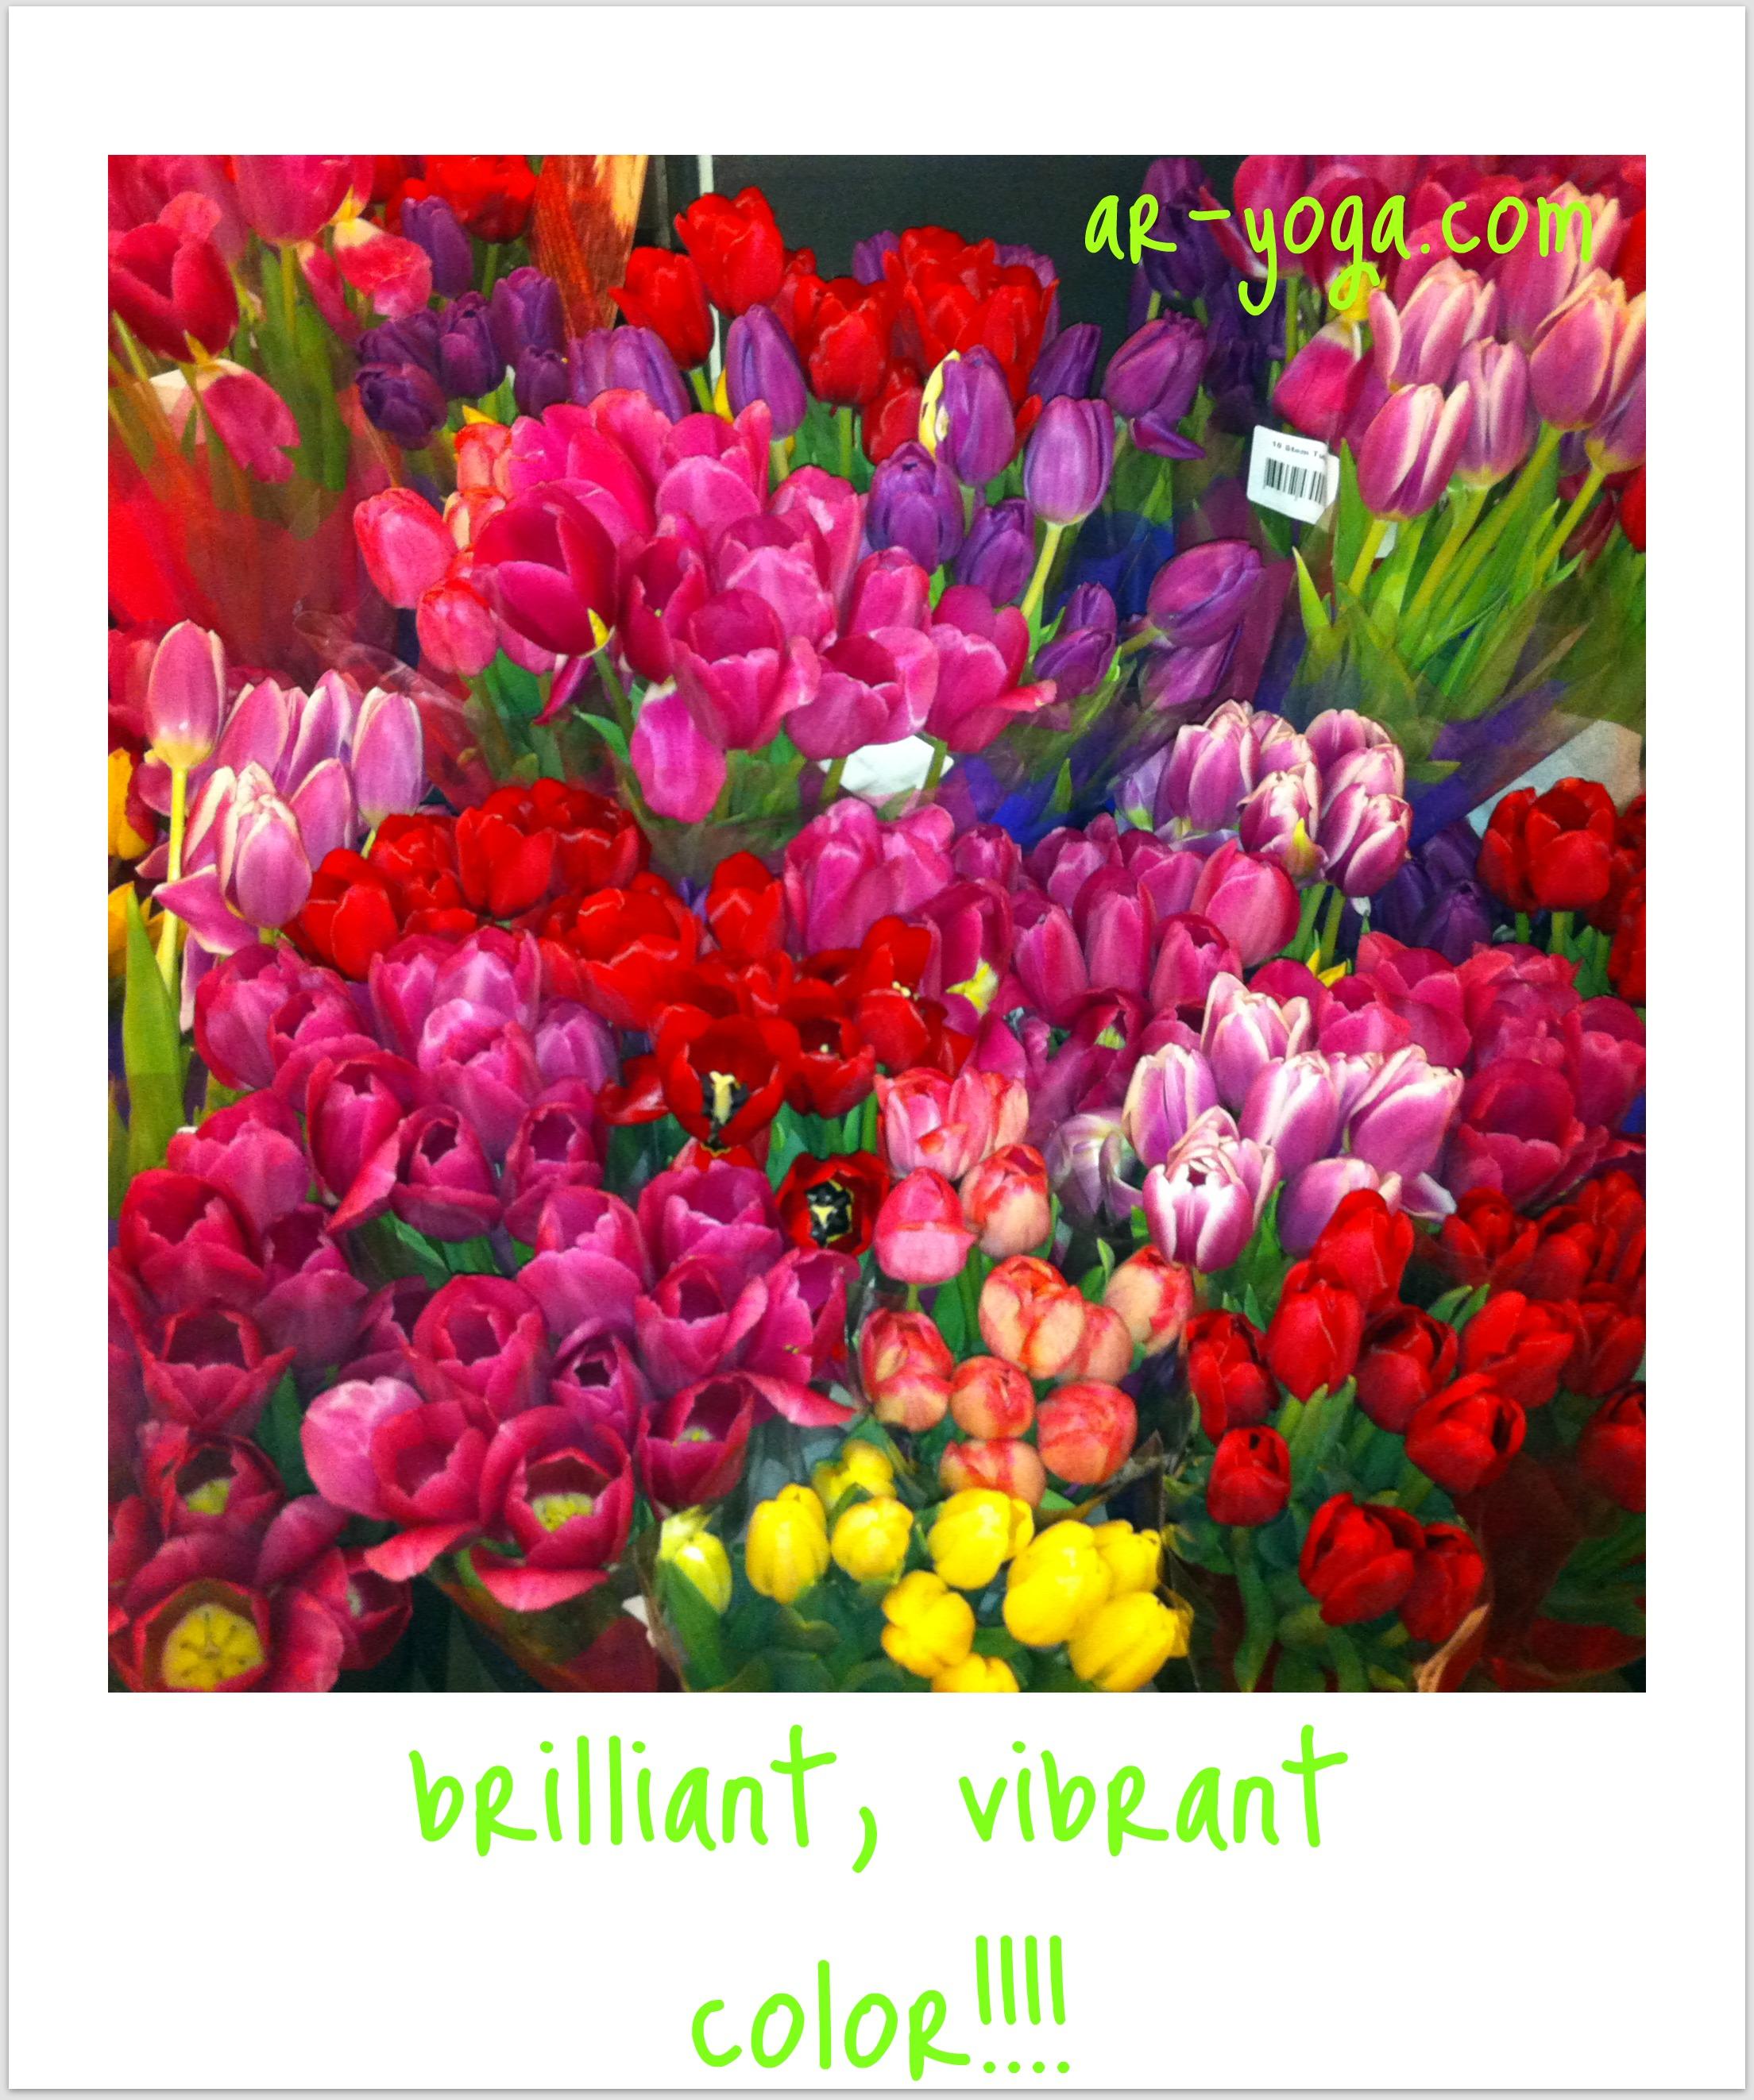 briliant colorful flowers